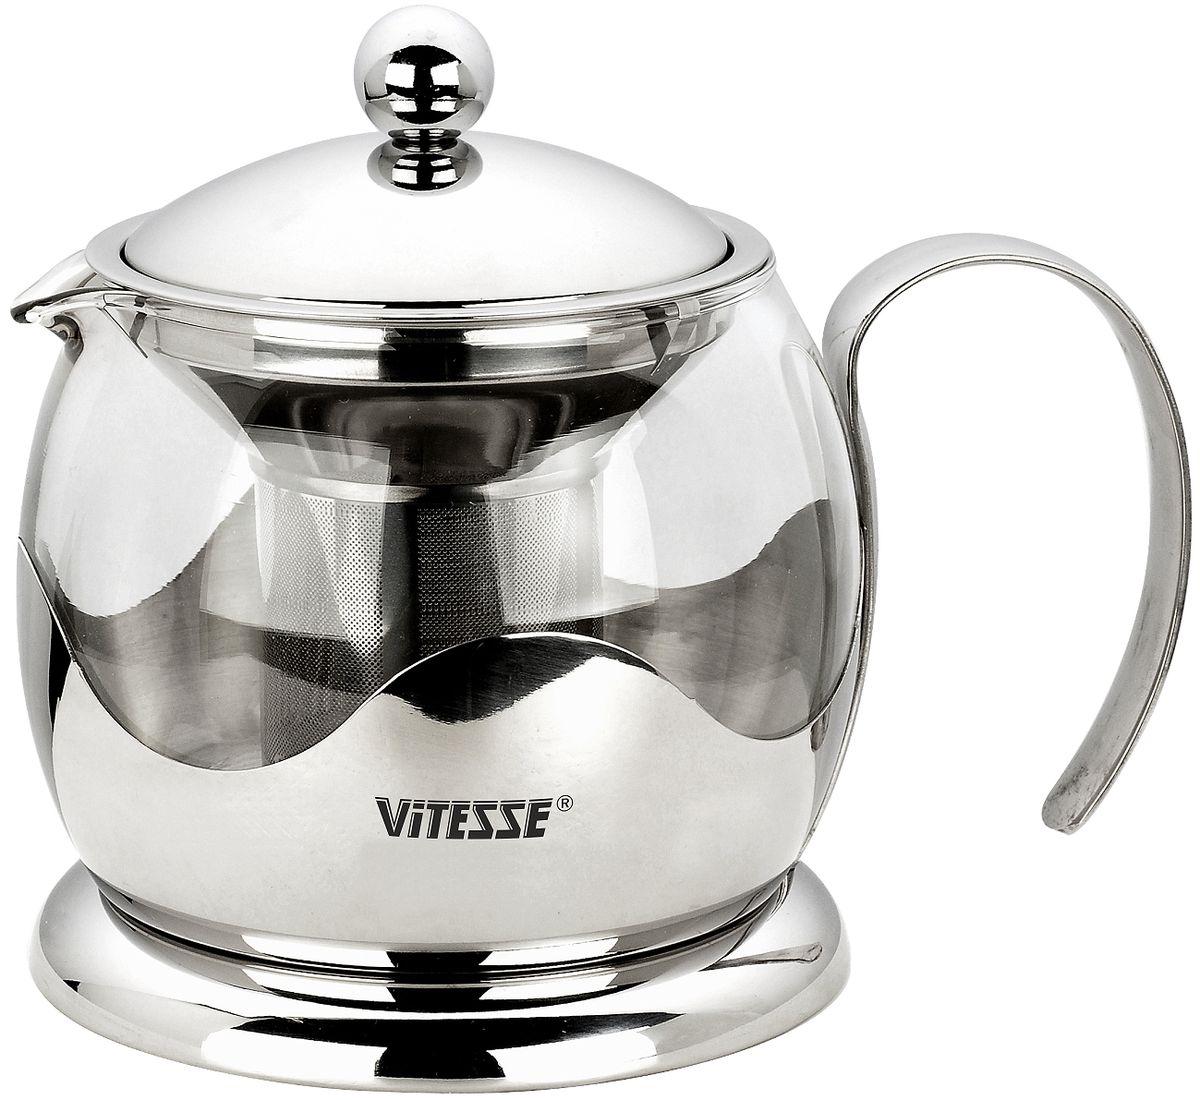 Чайник заварочный Vitesse Aniya, с фильтром, 800 мл94672Заварочный чайник Vitesse Aniya, выполненный из высококачественной нержавеющей стали и термостойкого стекла, предоставит вам все необходимые возможности для успешного заваривания чая. Чай в таком чайнике дольше остается горячим, а полезные и ароматические вещества полностью сохраняются в напитке. Чайник имеет вынимающийся фильтр из нержавеющей стали, что делает его чрезвычайно удобным в использовании.Эстетичный и функциональный, с эксклюзивным дизайном, чайник будет оригинально смотреться в любом интерьере.Чайник пригоден для мытья в посудомоечной машине.Высота чайника (без учета крышки): 11 см. Диаметр основания чайника: 11,5 см.